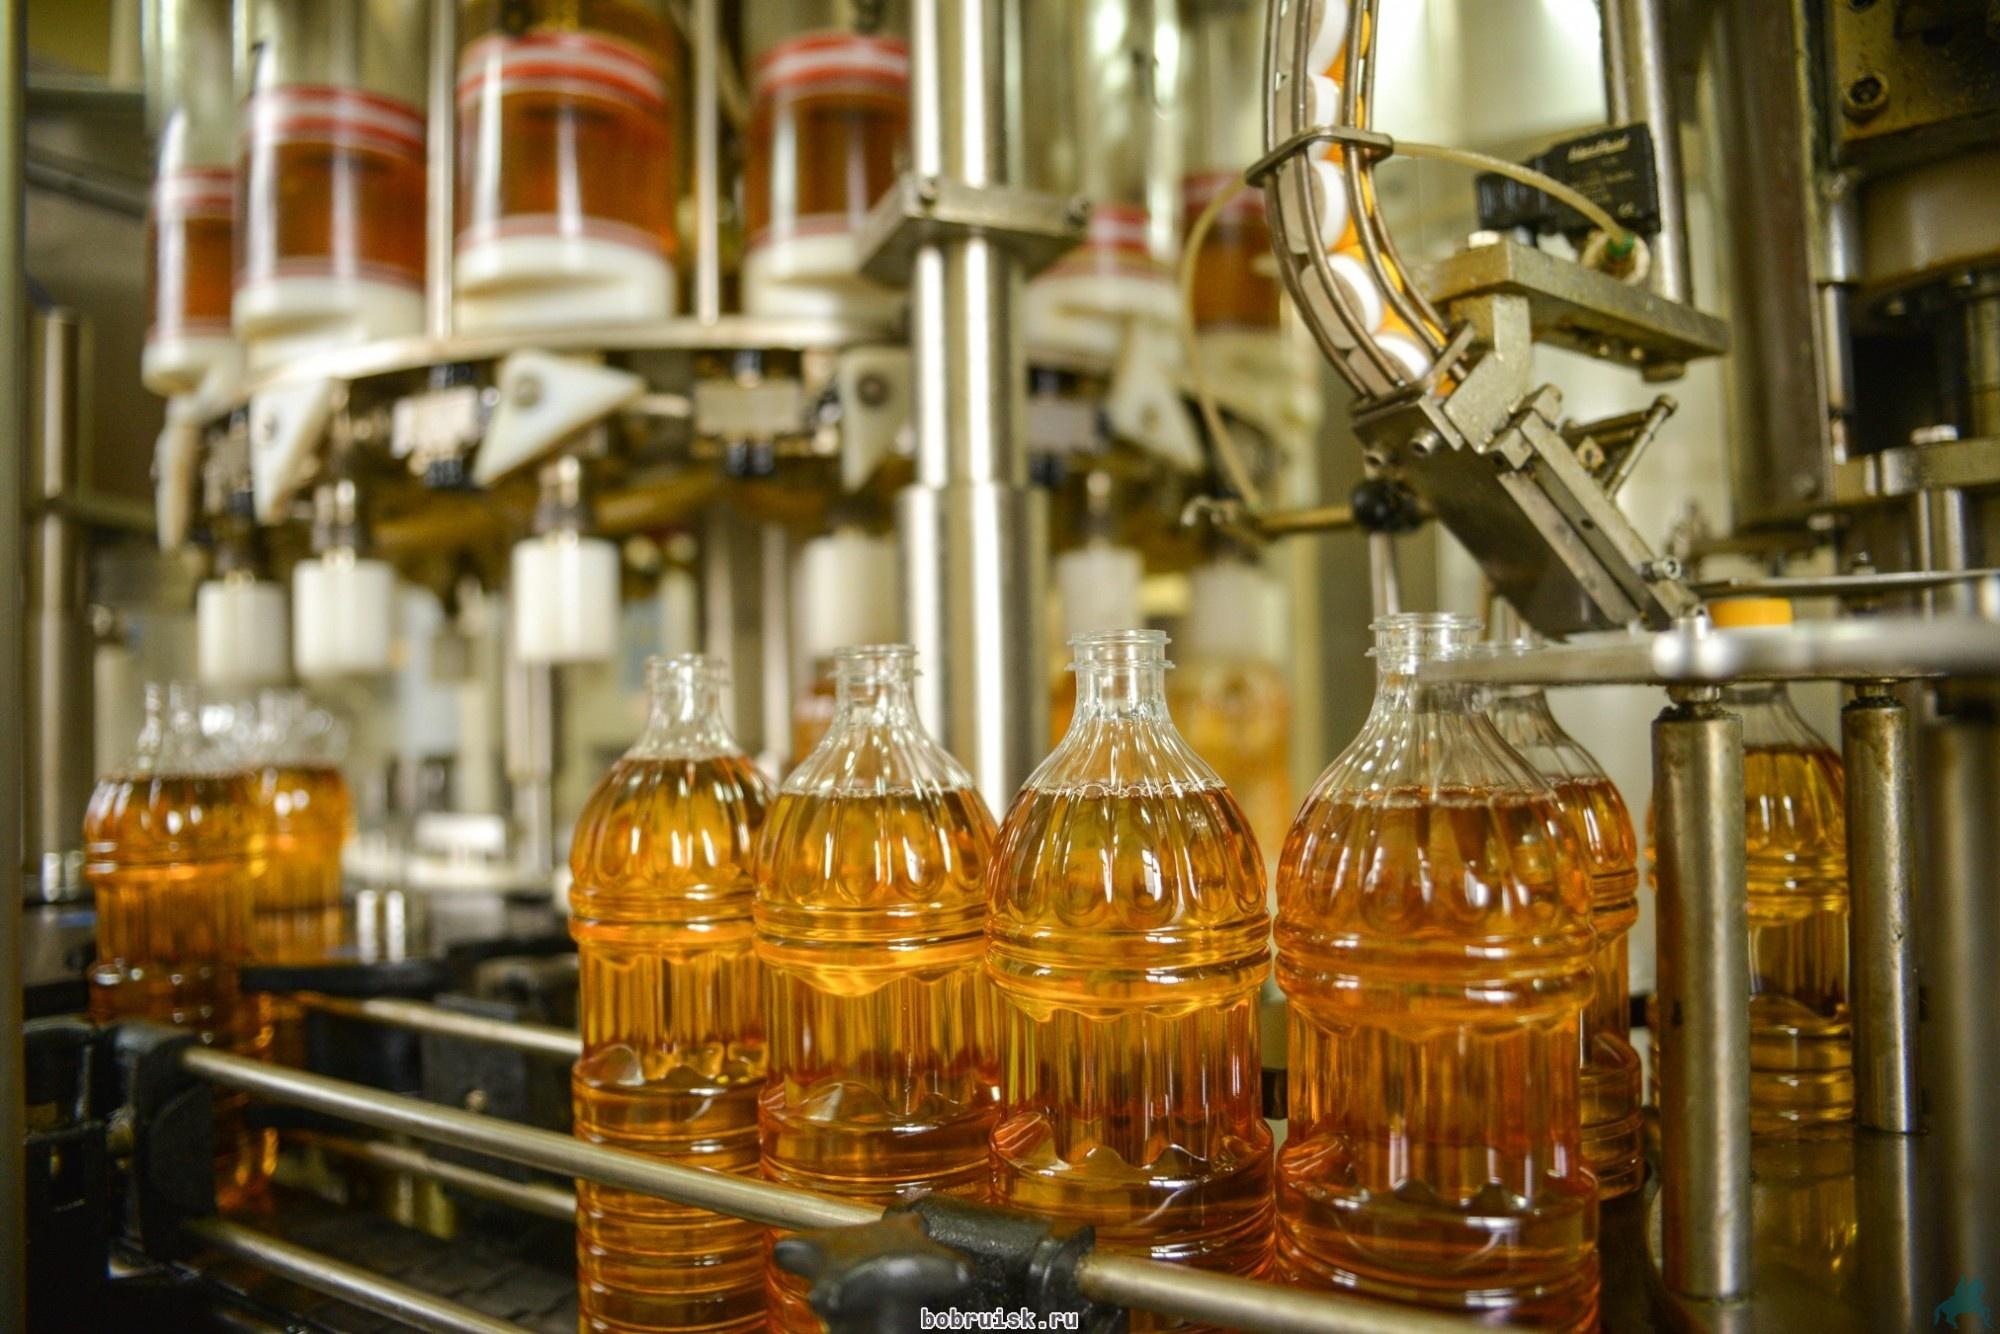 Россельхознадзор усилил контроль продукции трёх казахстанских предприятий